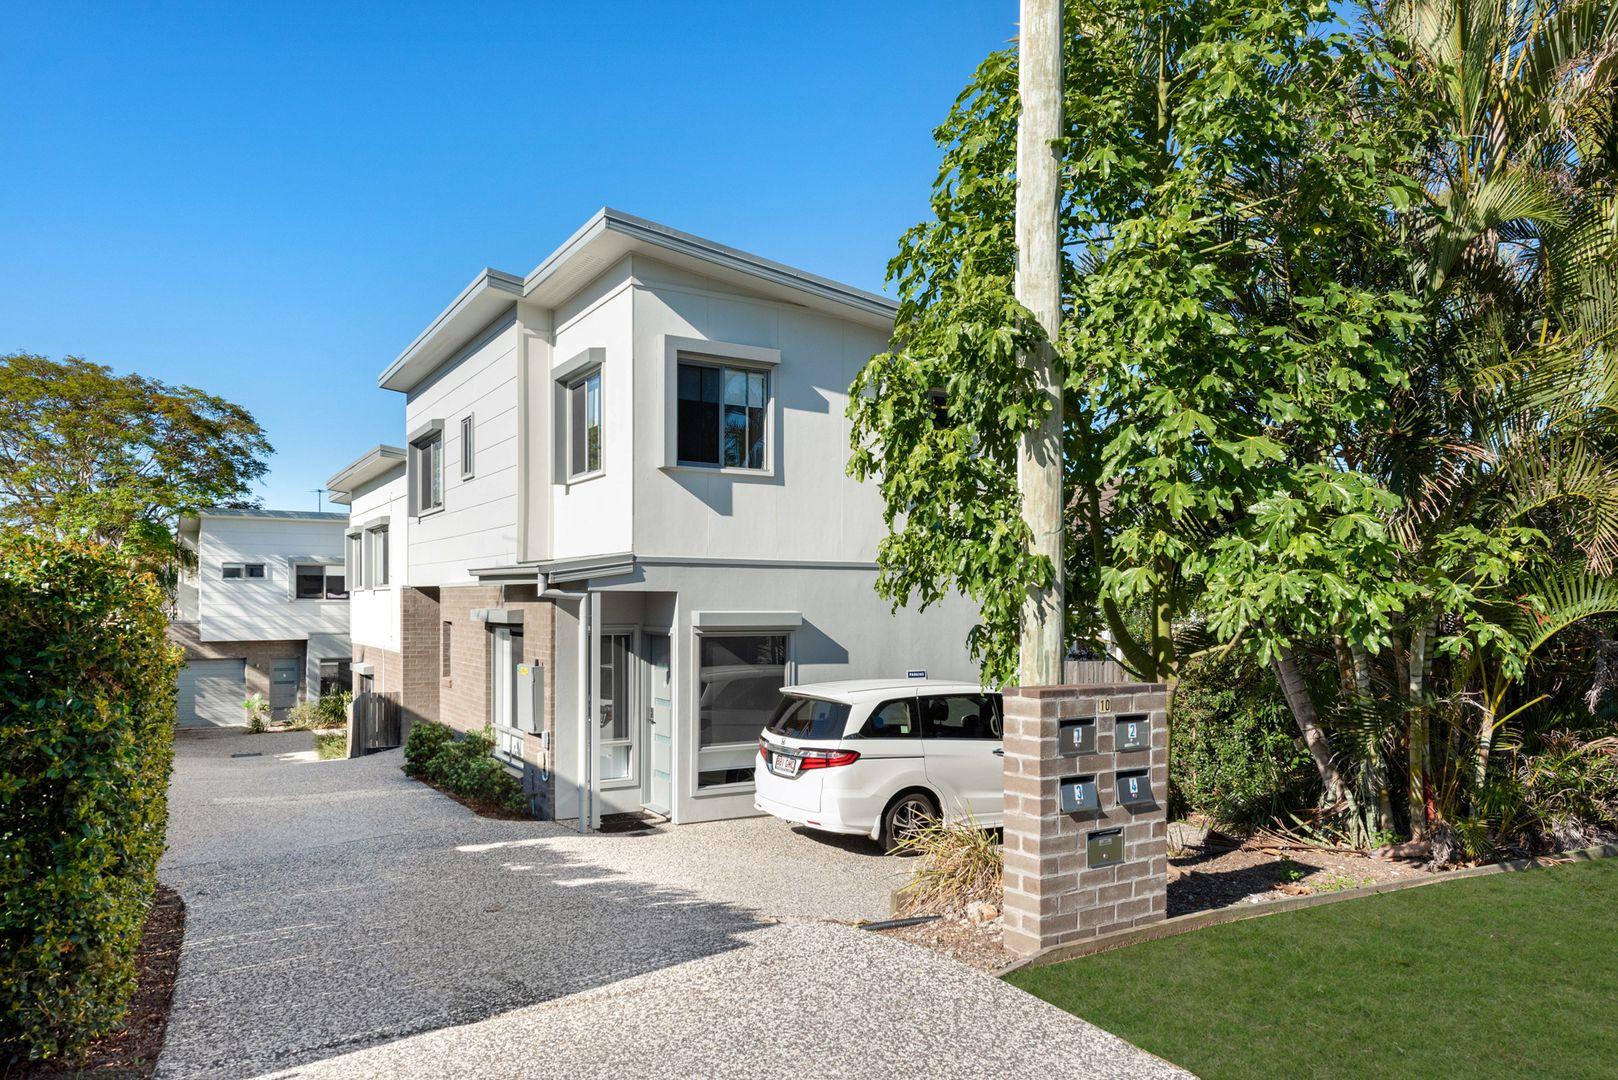 3/10 Koolatah Street, Carina QLD 4152, Image 0